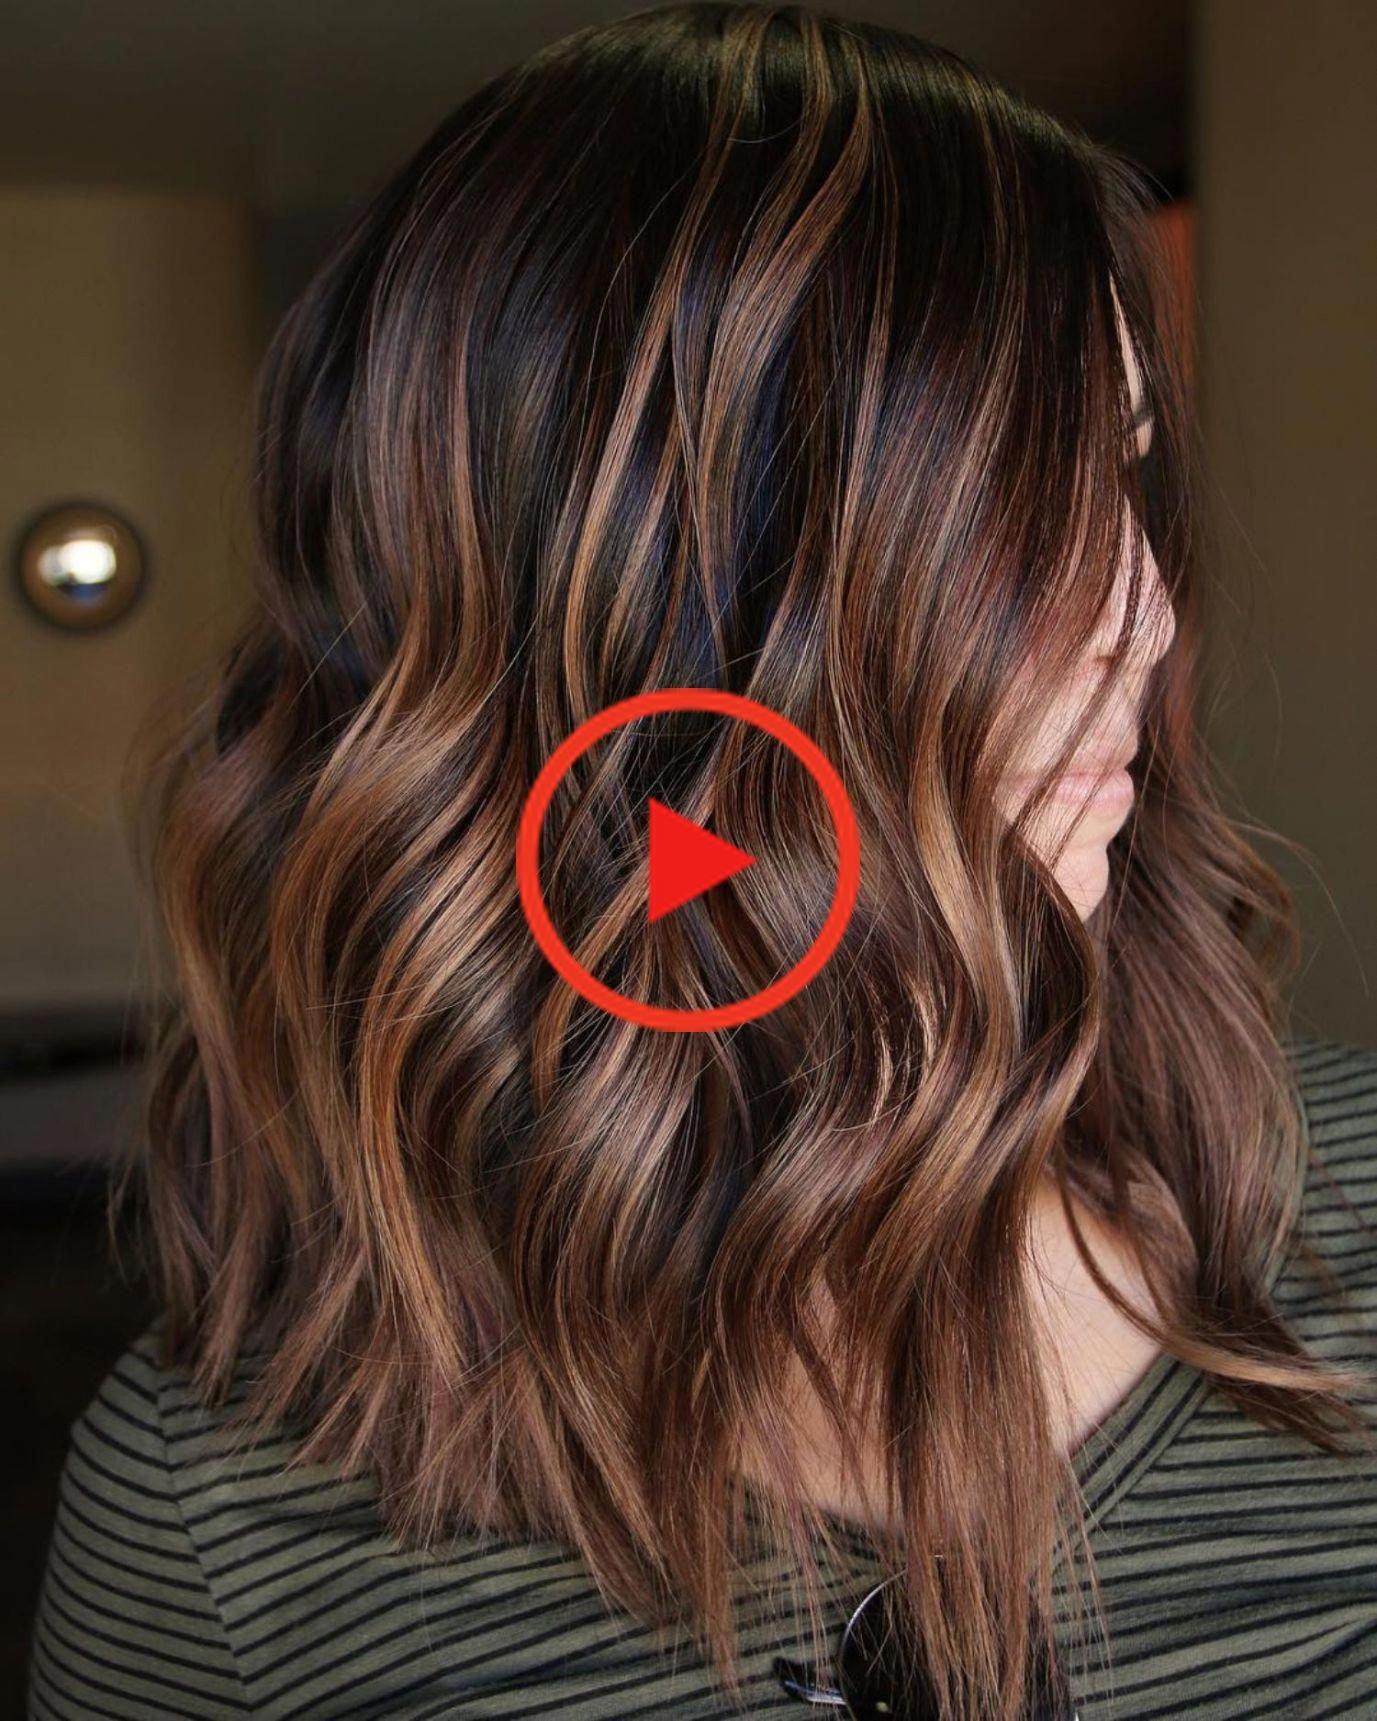 60 Caramel regarde avec Faits saillants sur Brown et les cheveux brun foncé #HairColorIdeas #c …